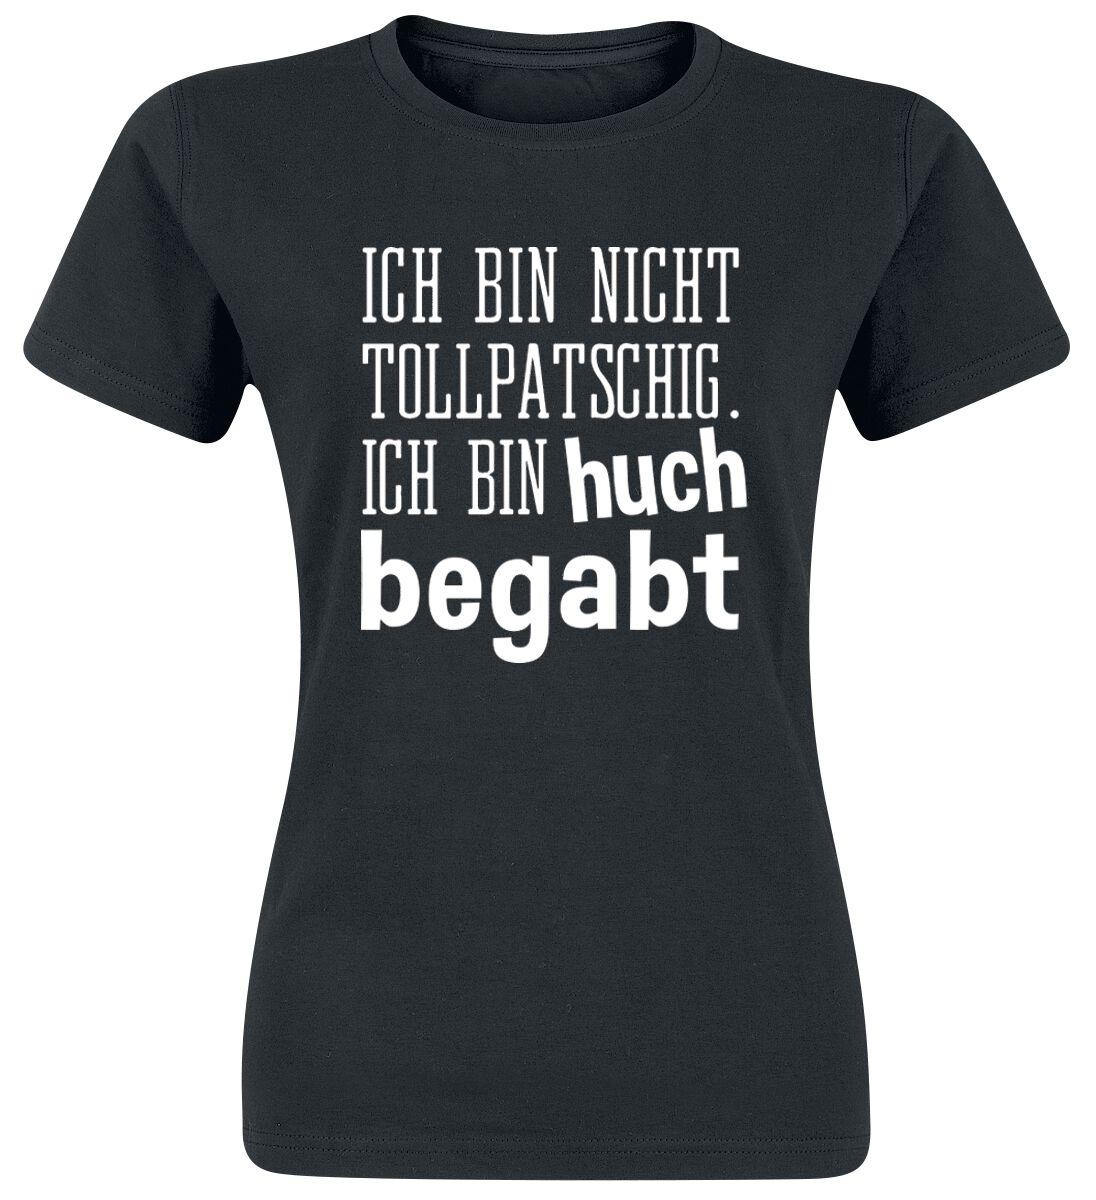 Ich bin nicht tollpatschig. T-Shirt Manches courtes | EMP